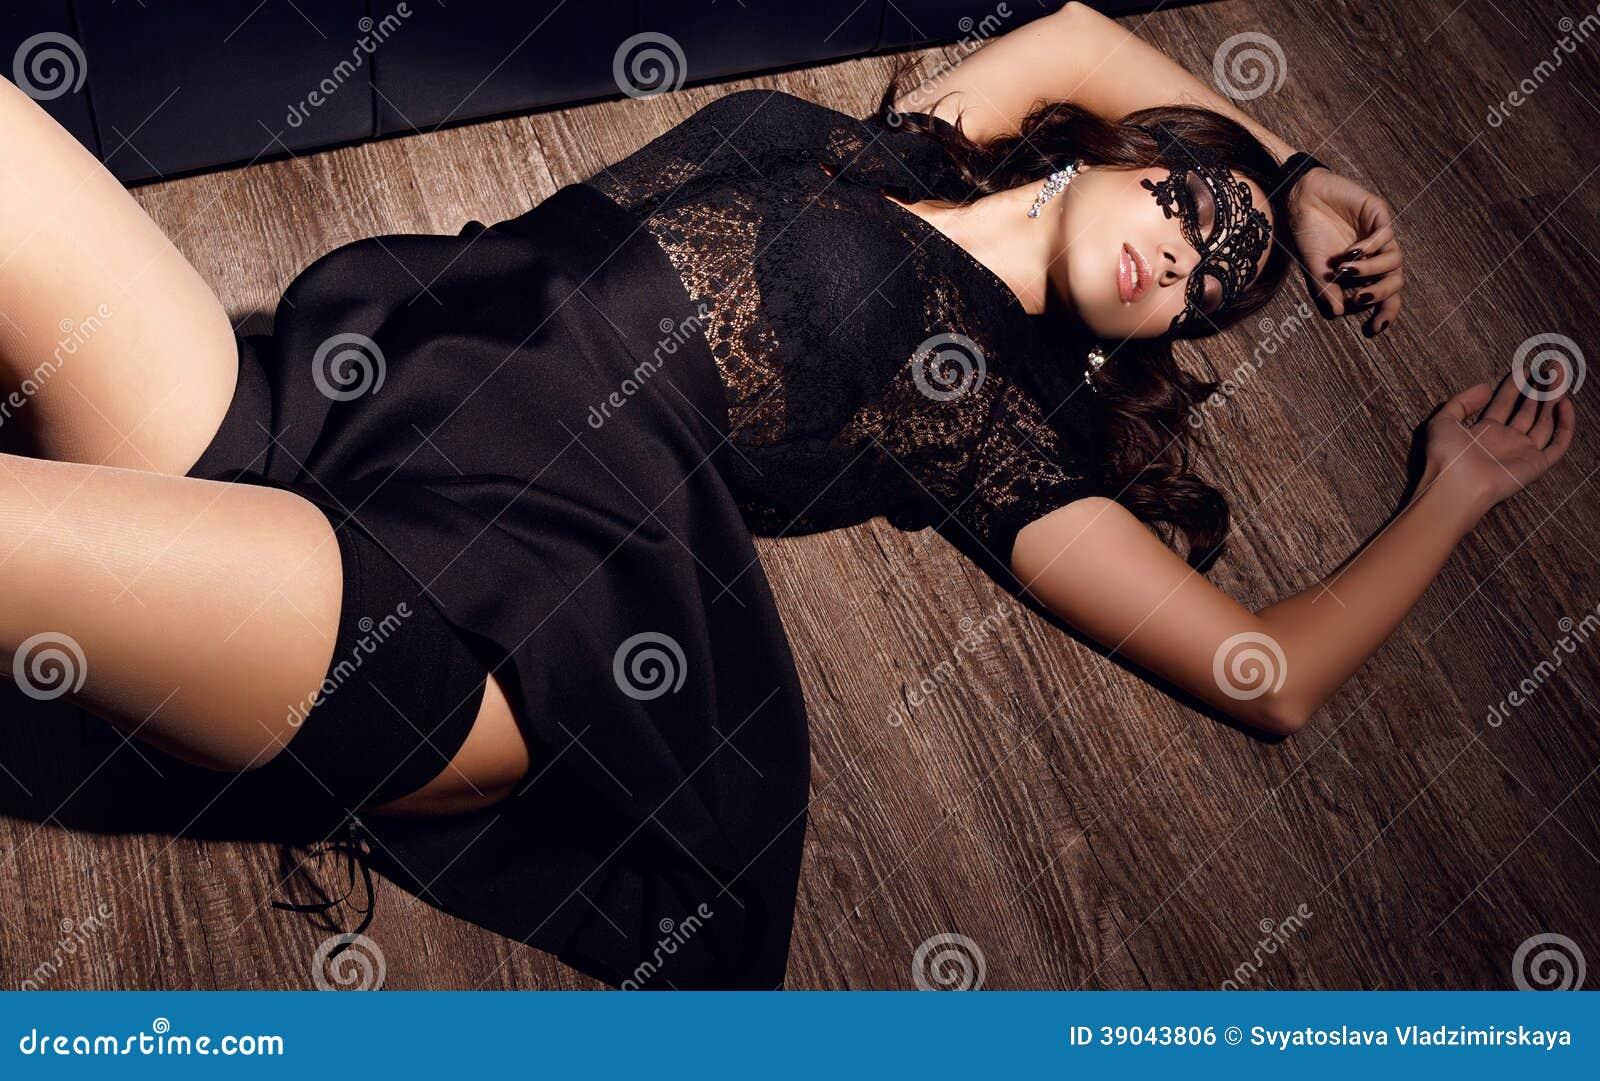 Asian massage girl u7k